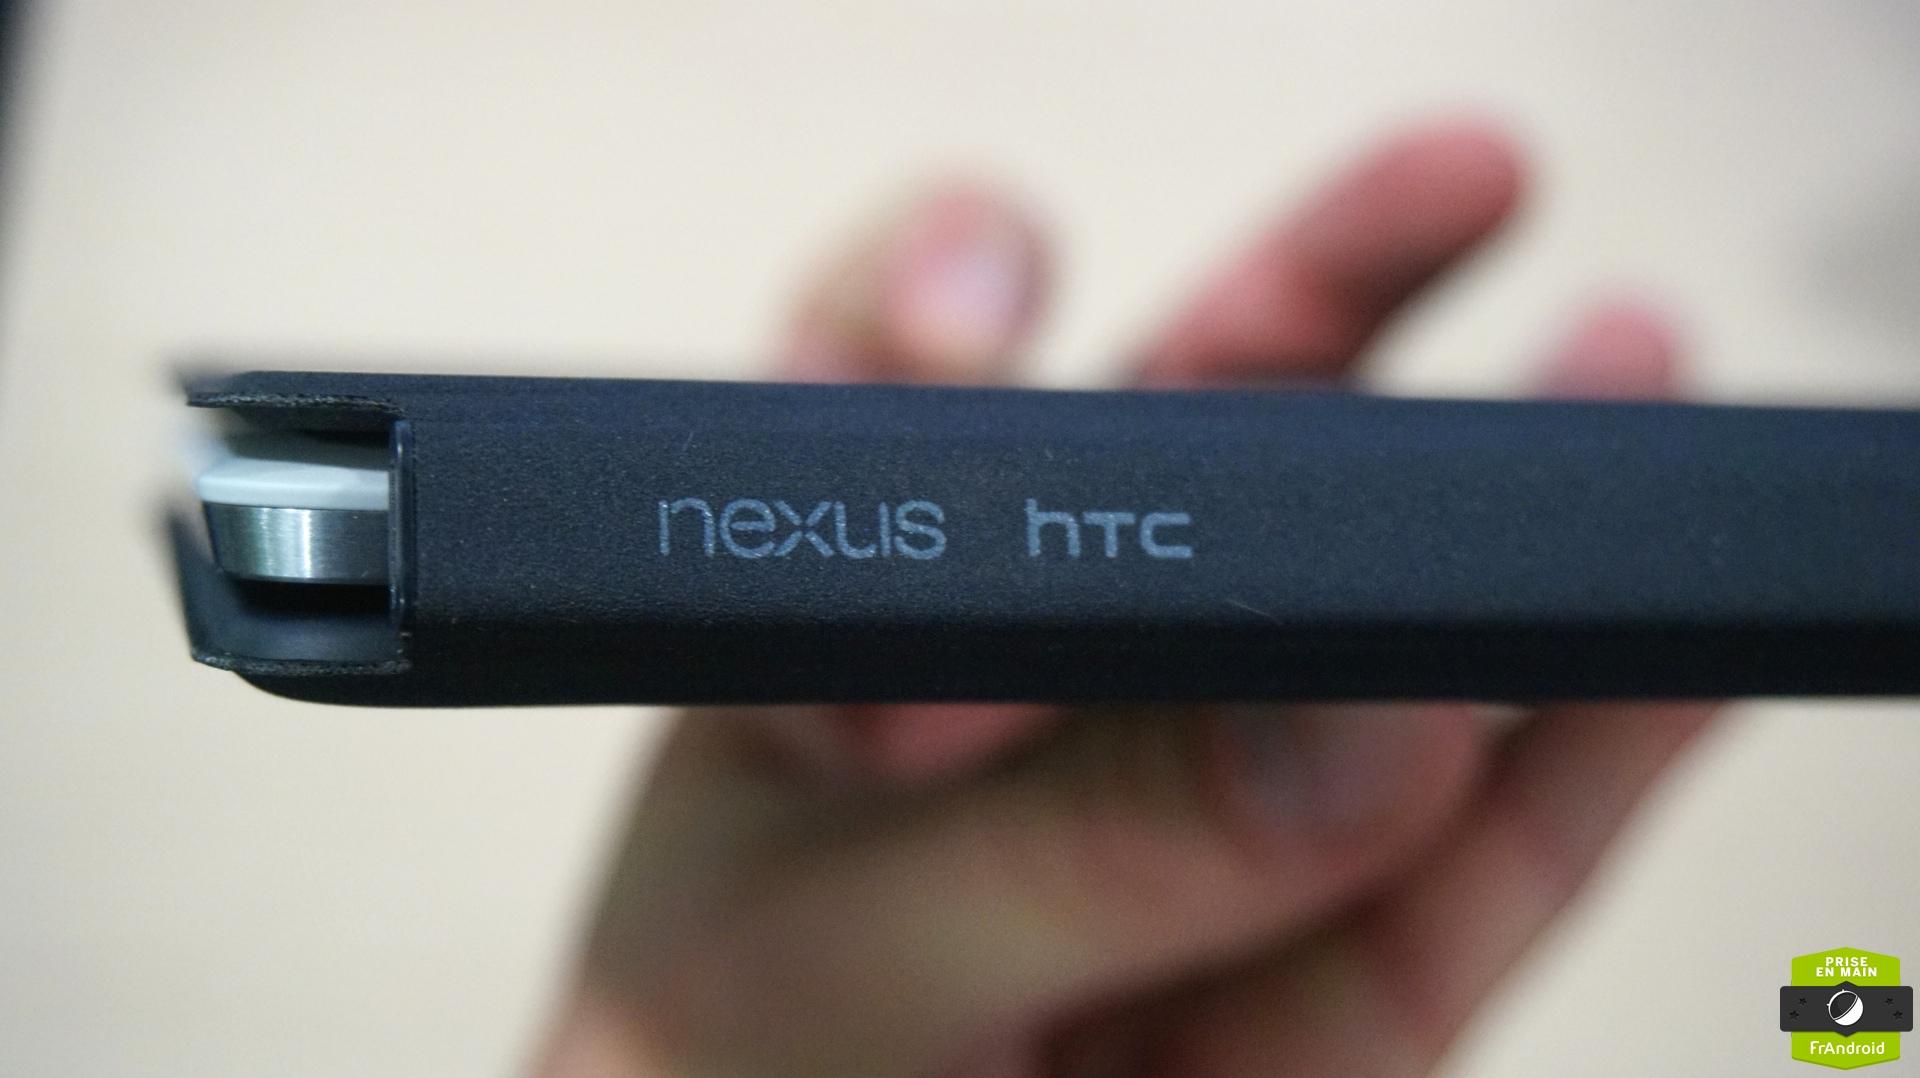 Prise en main de la Nexus 9 sous Android Lollipop, avec son Tegra K1 64 bits